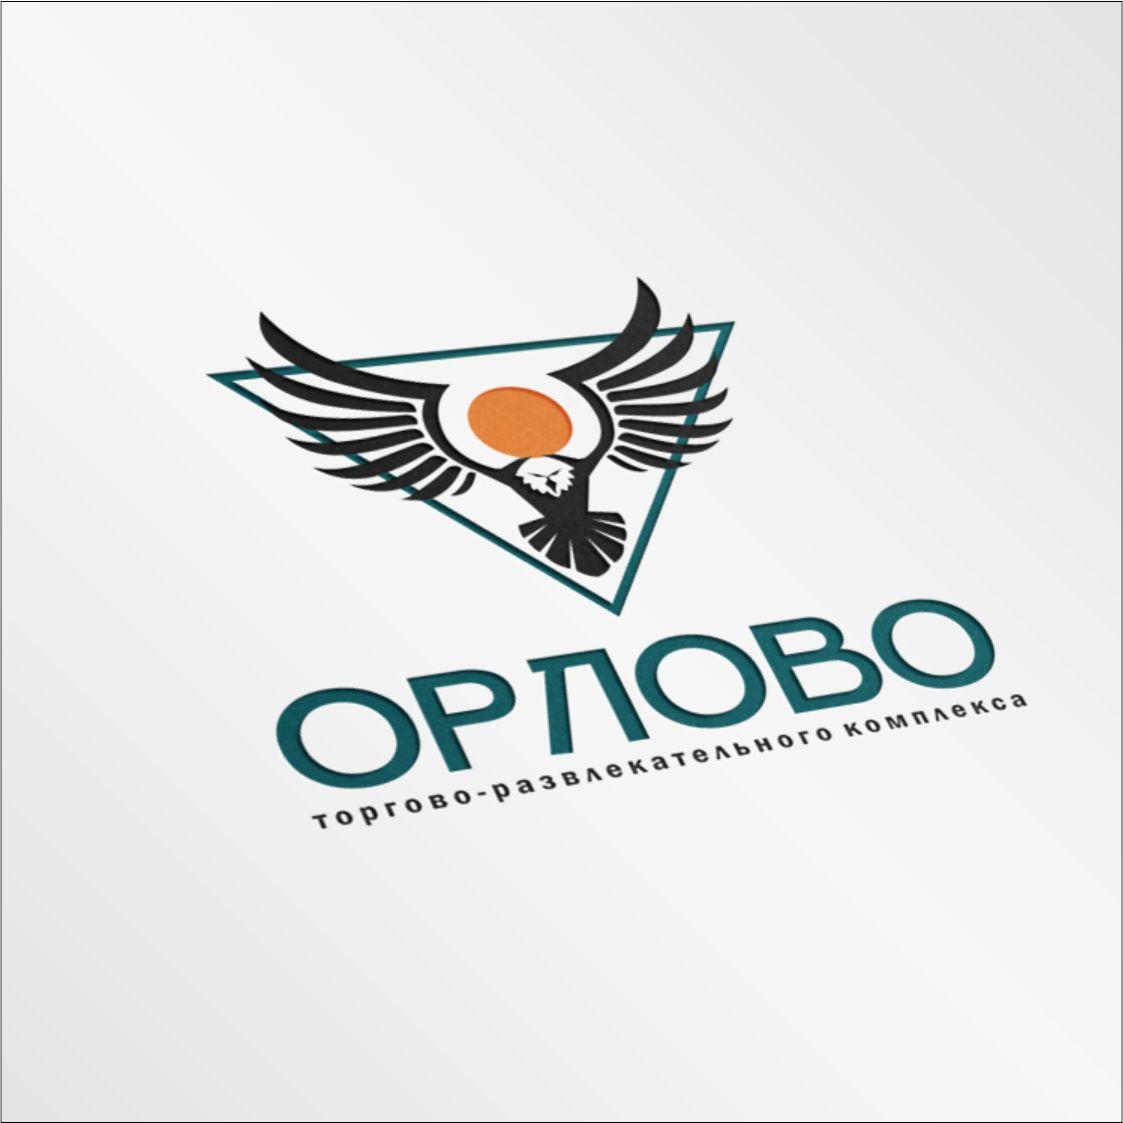 Разработка логотипа для Торгово-развлекательного комплекса фото f_0265972e3b0d03e4.jpg